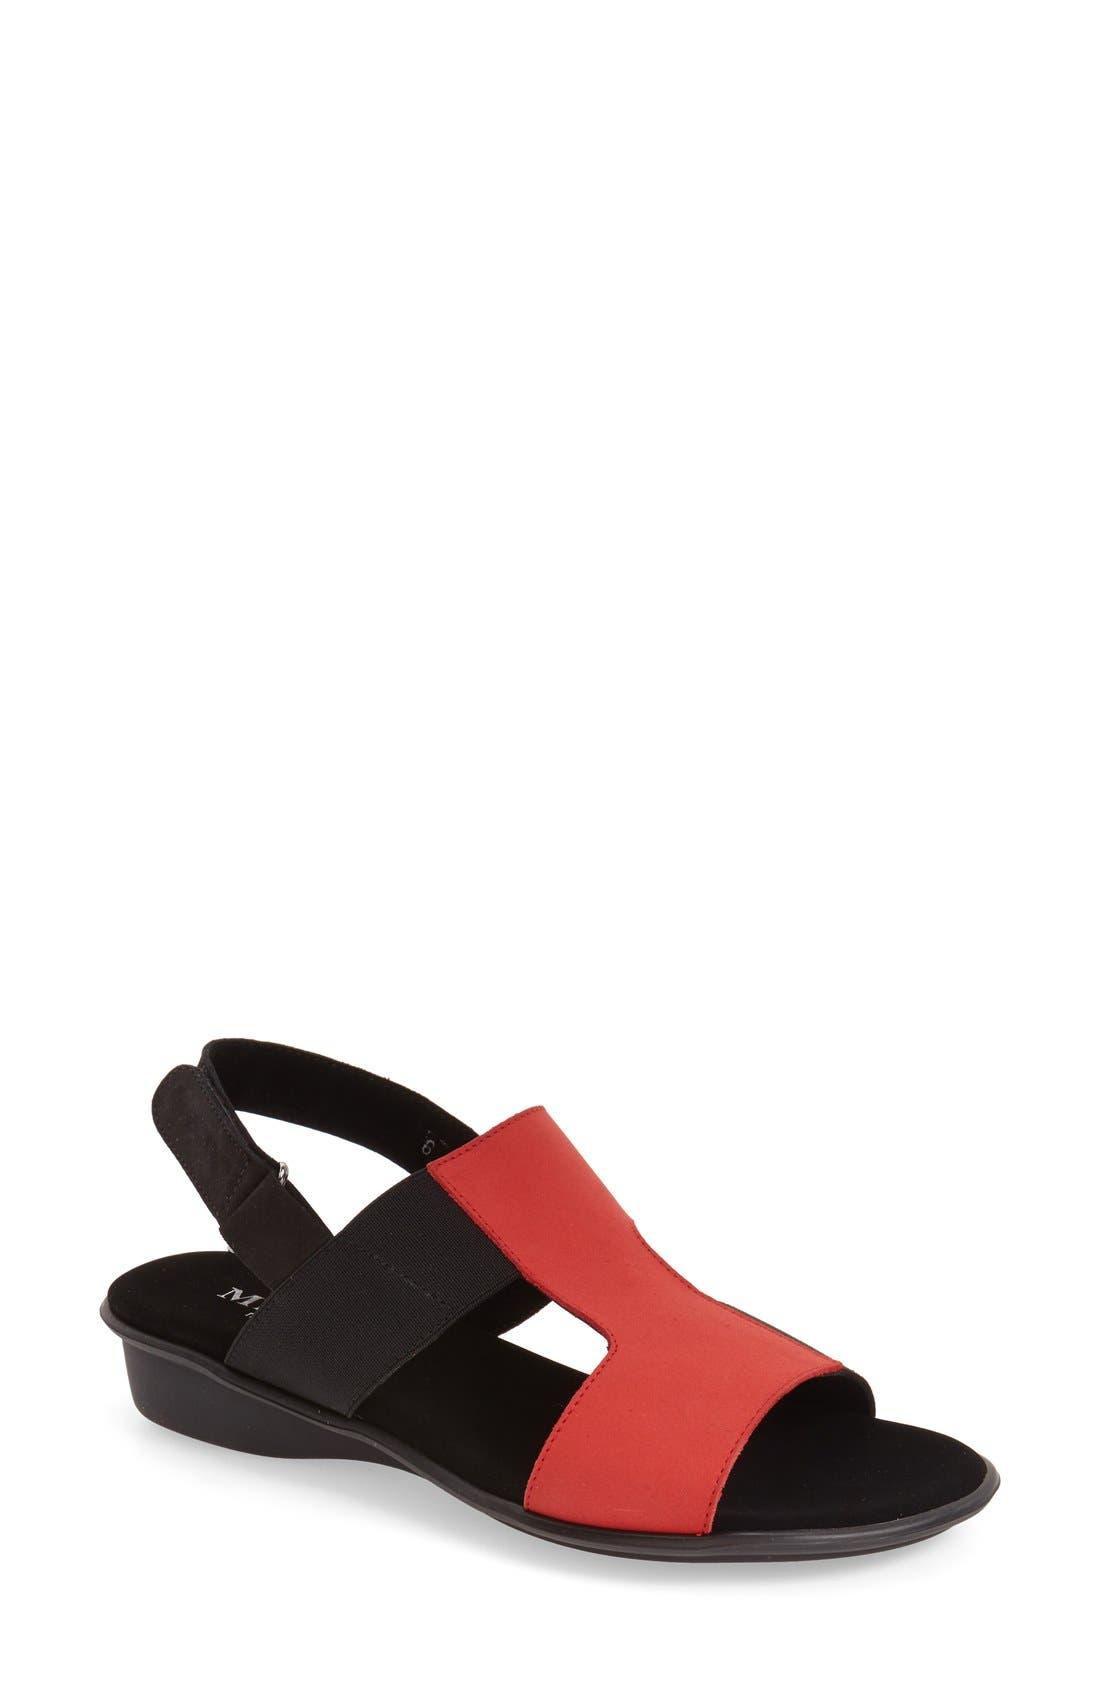 Main Image - Sesto Meucci 'Eudore' Slingback Sandal (Women)